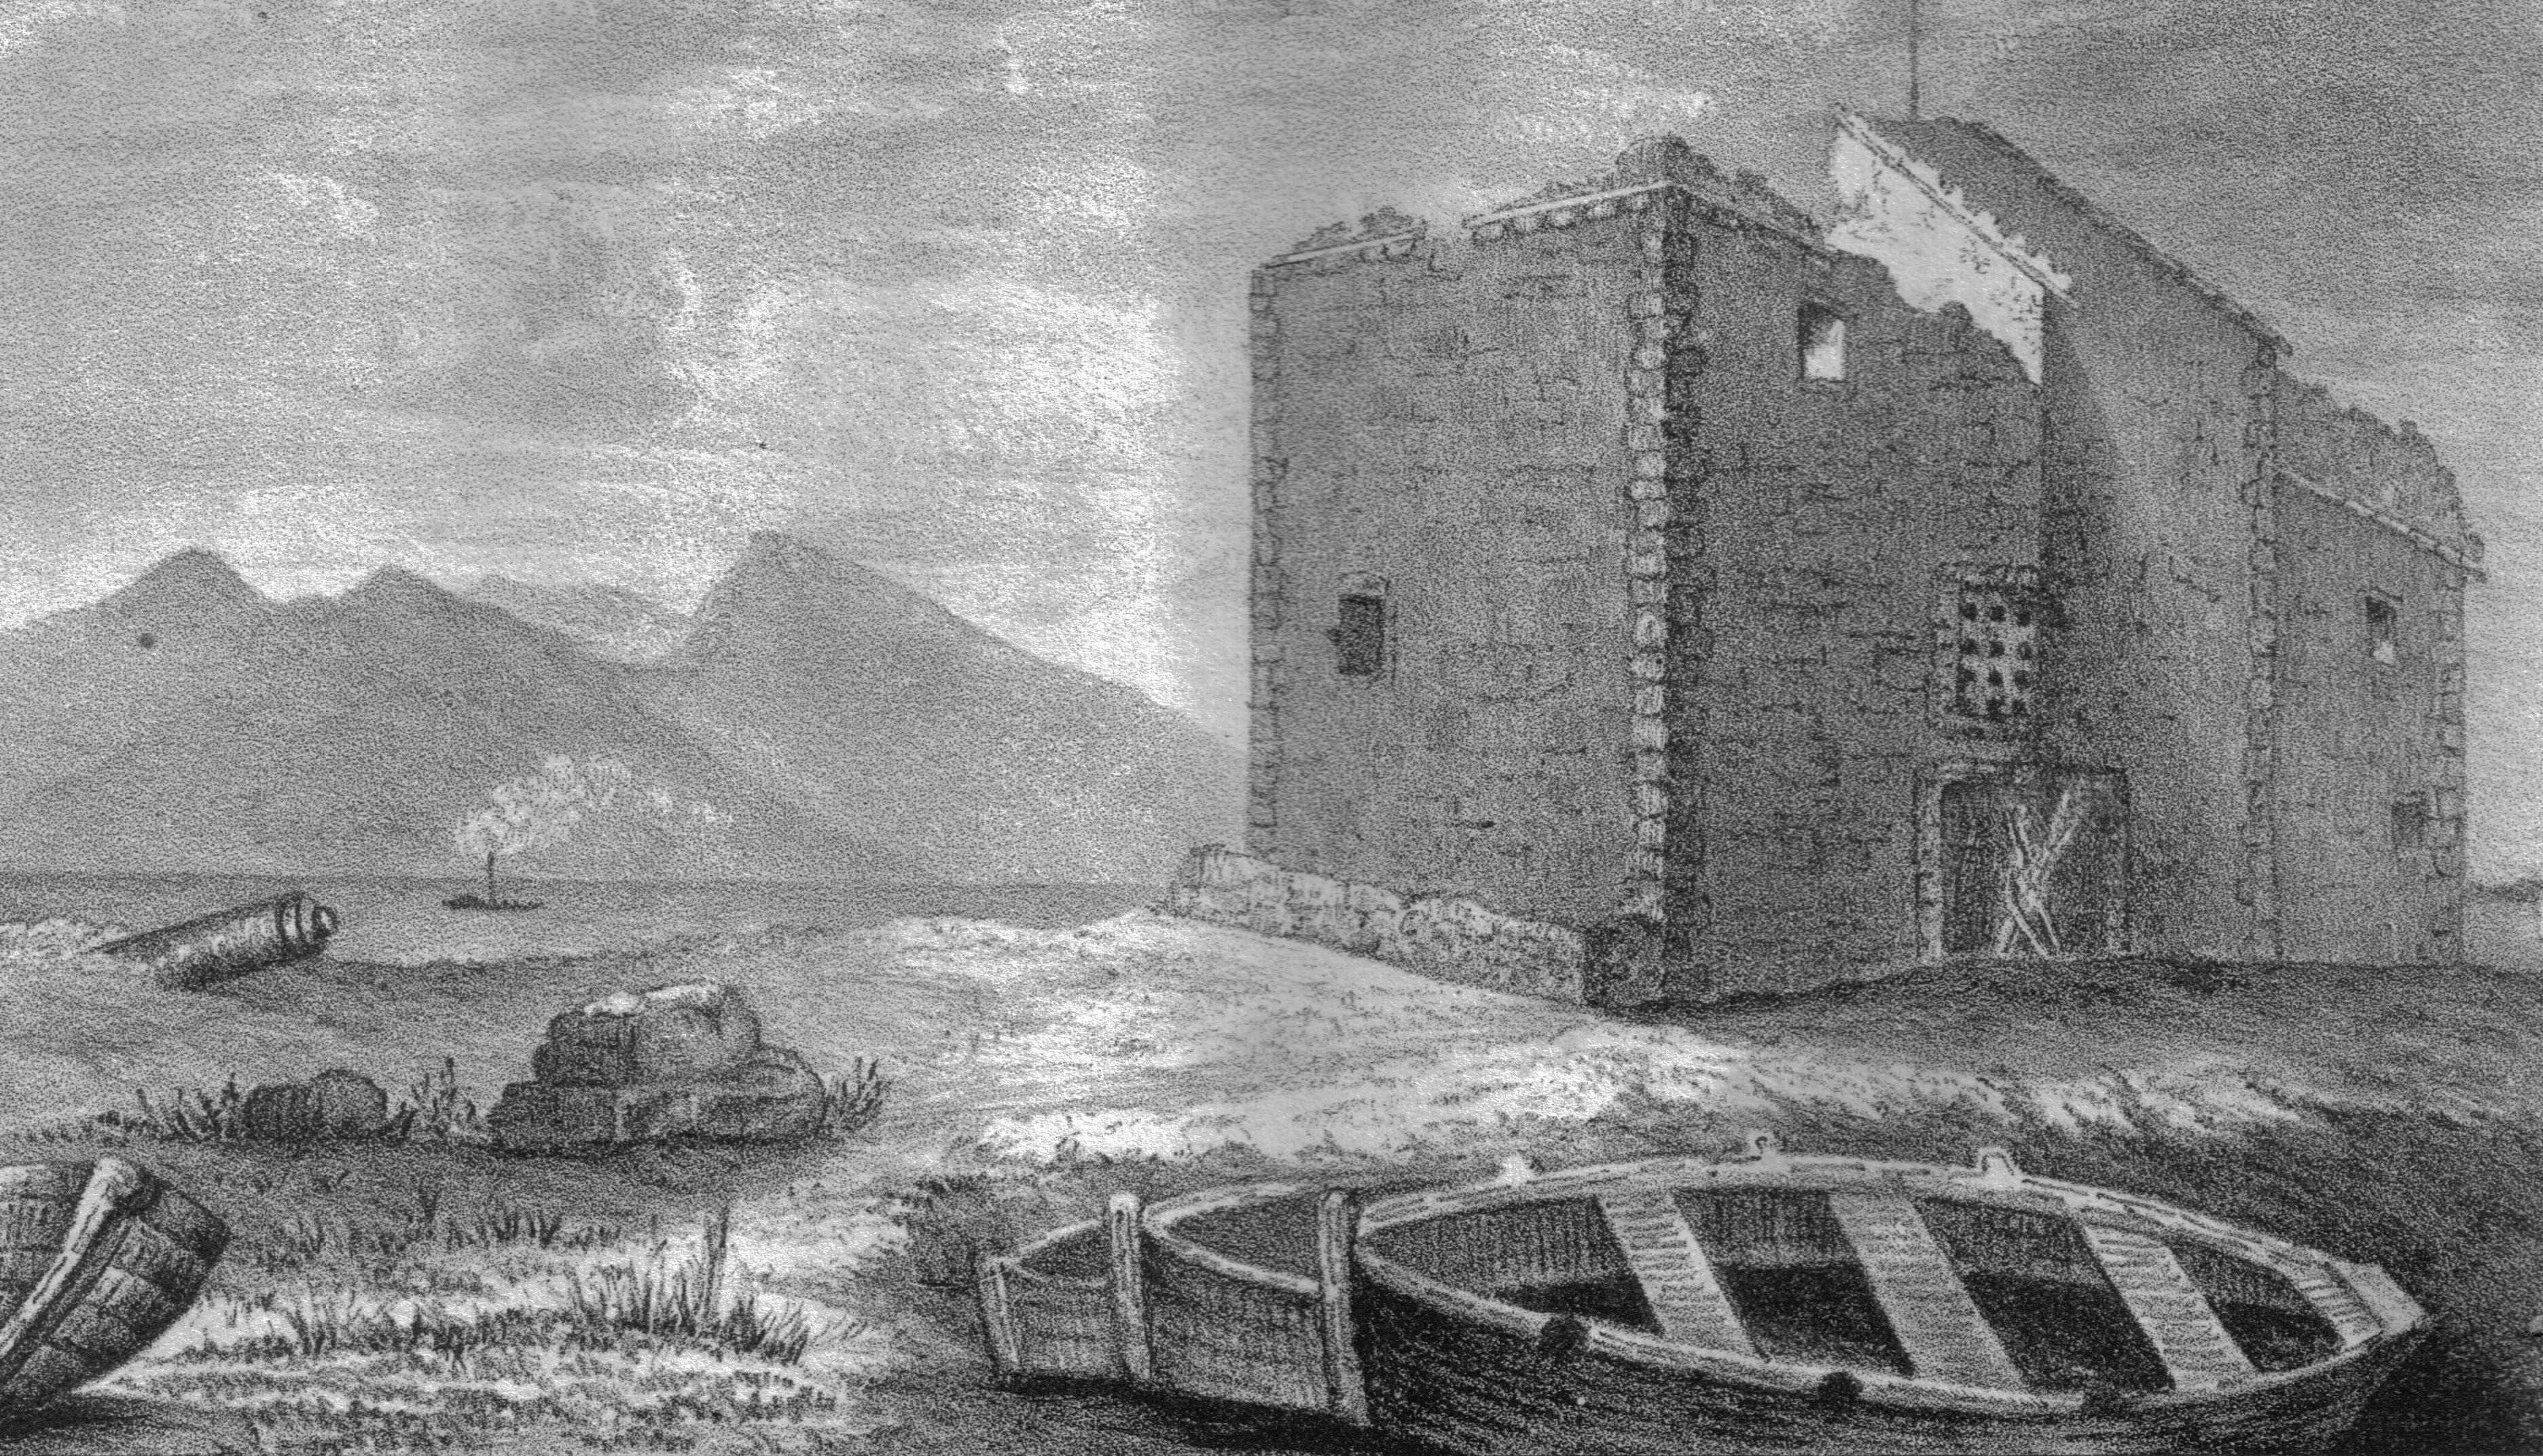 fileportencross castle clyde 1840sjpg wikipedia